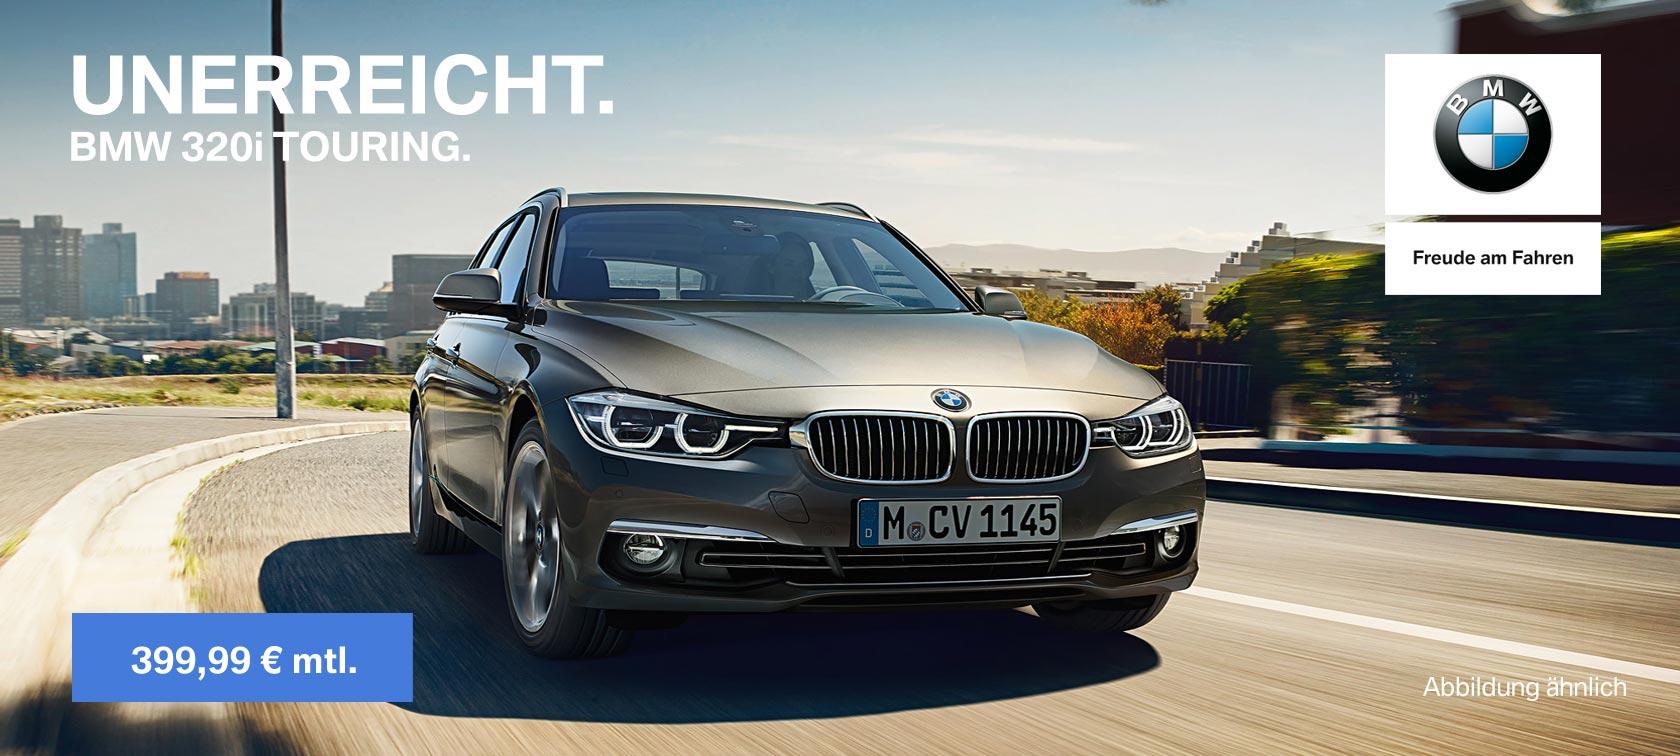 BMW 320i Touring Angebot von Märtin